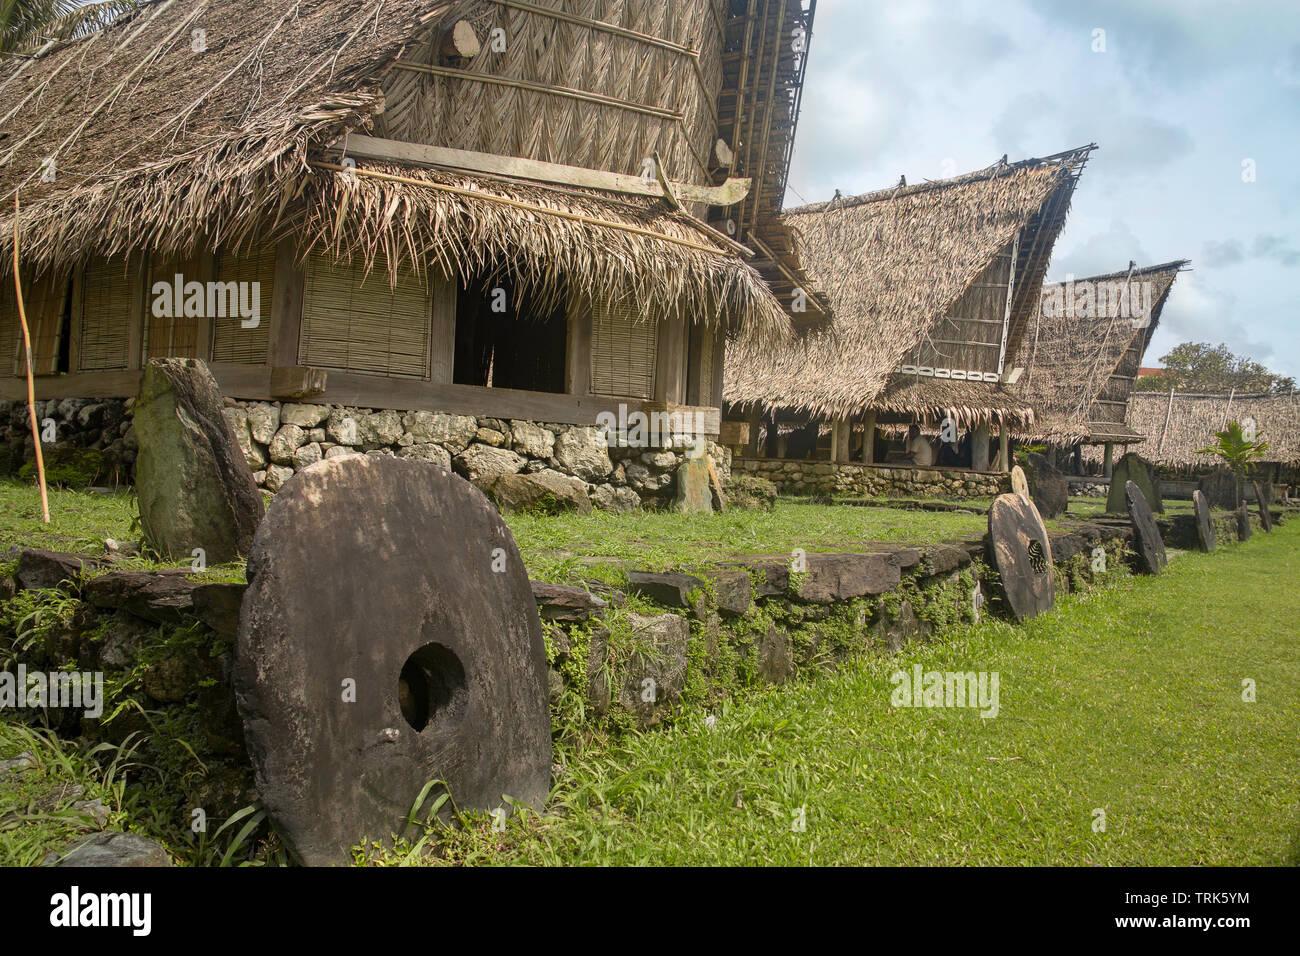 Una tradicional casa de mens para reuniones y ceremonias culturales en Colonia en la isla de Yap, Micronesia. Foto de stock